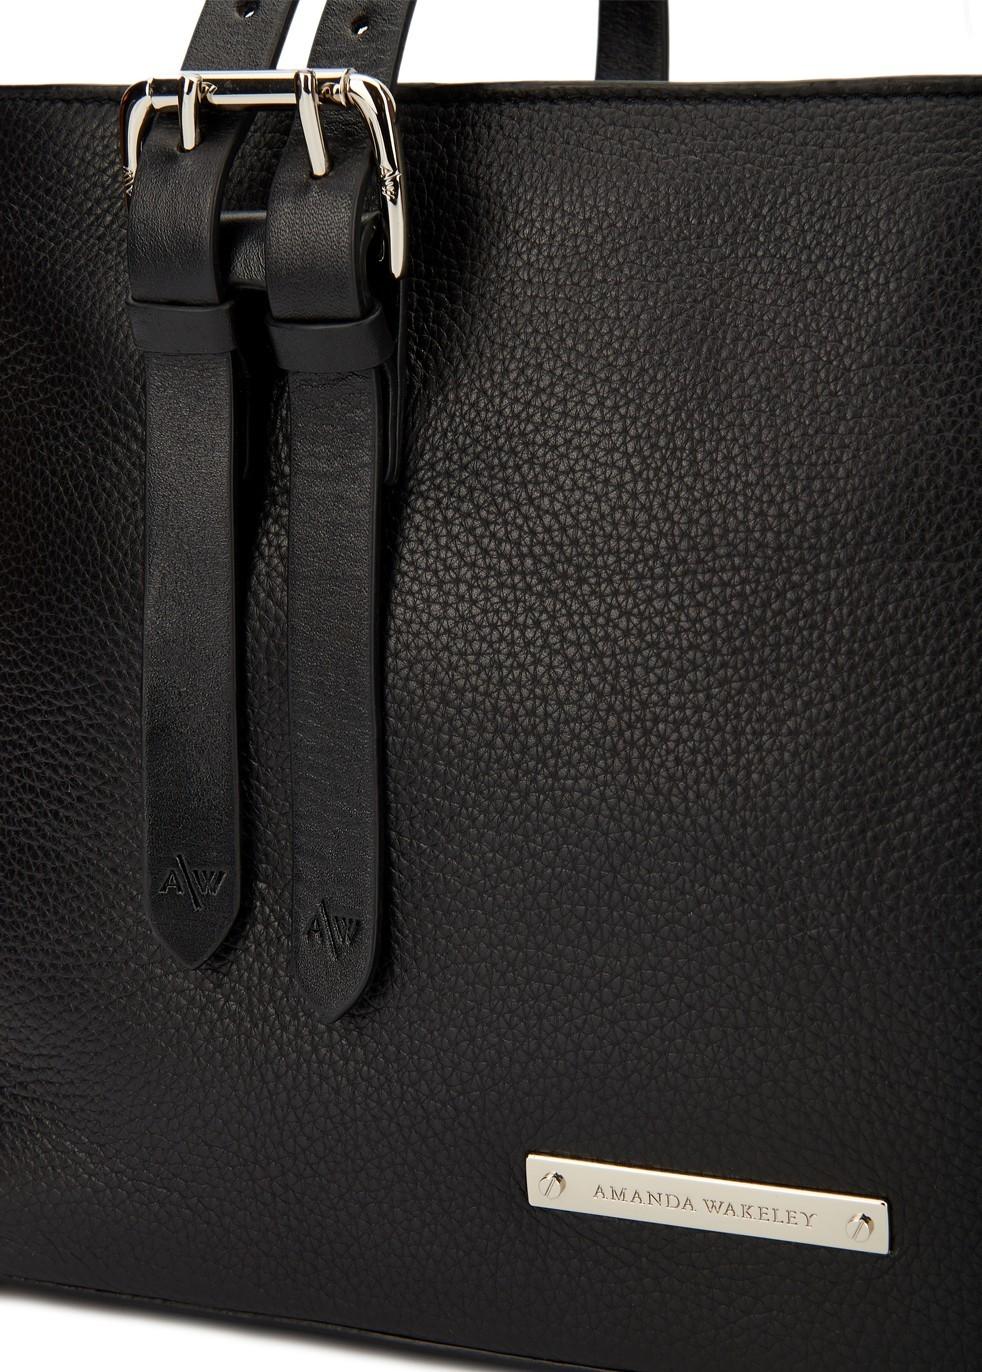 3e46274472 Amanda Wakeley Bags - Womens - Harvey Nichols